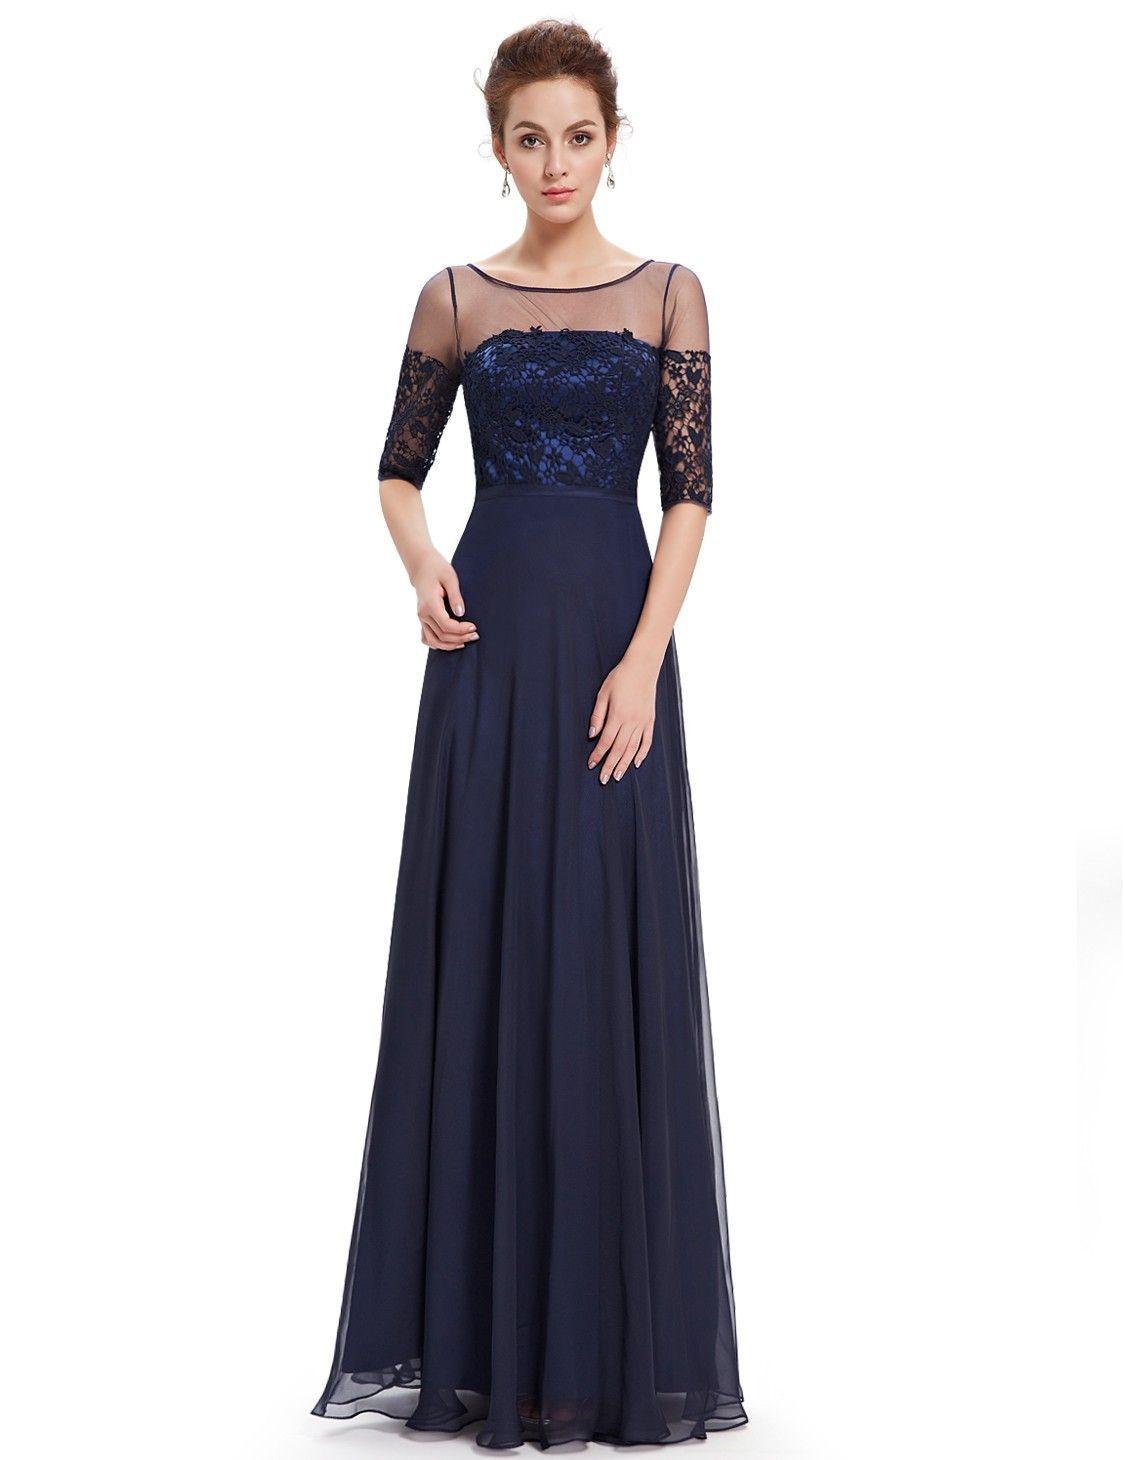 13 Fantastisch Abendkleid Dunkelblau Ärmel20 Elegant Abendkleid Dunkelblau Stylish